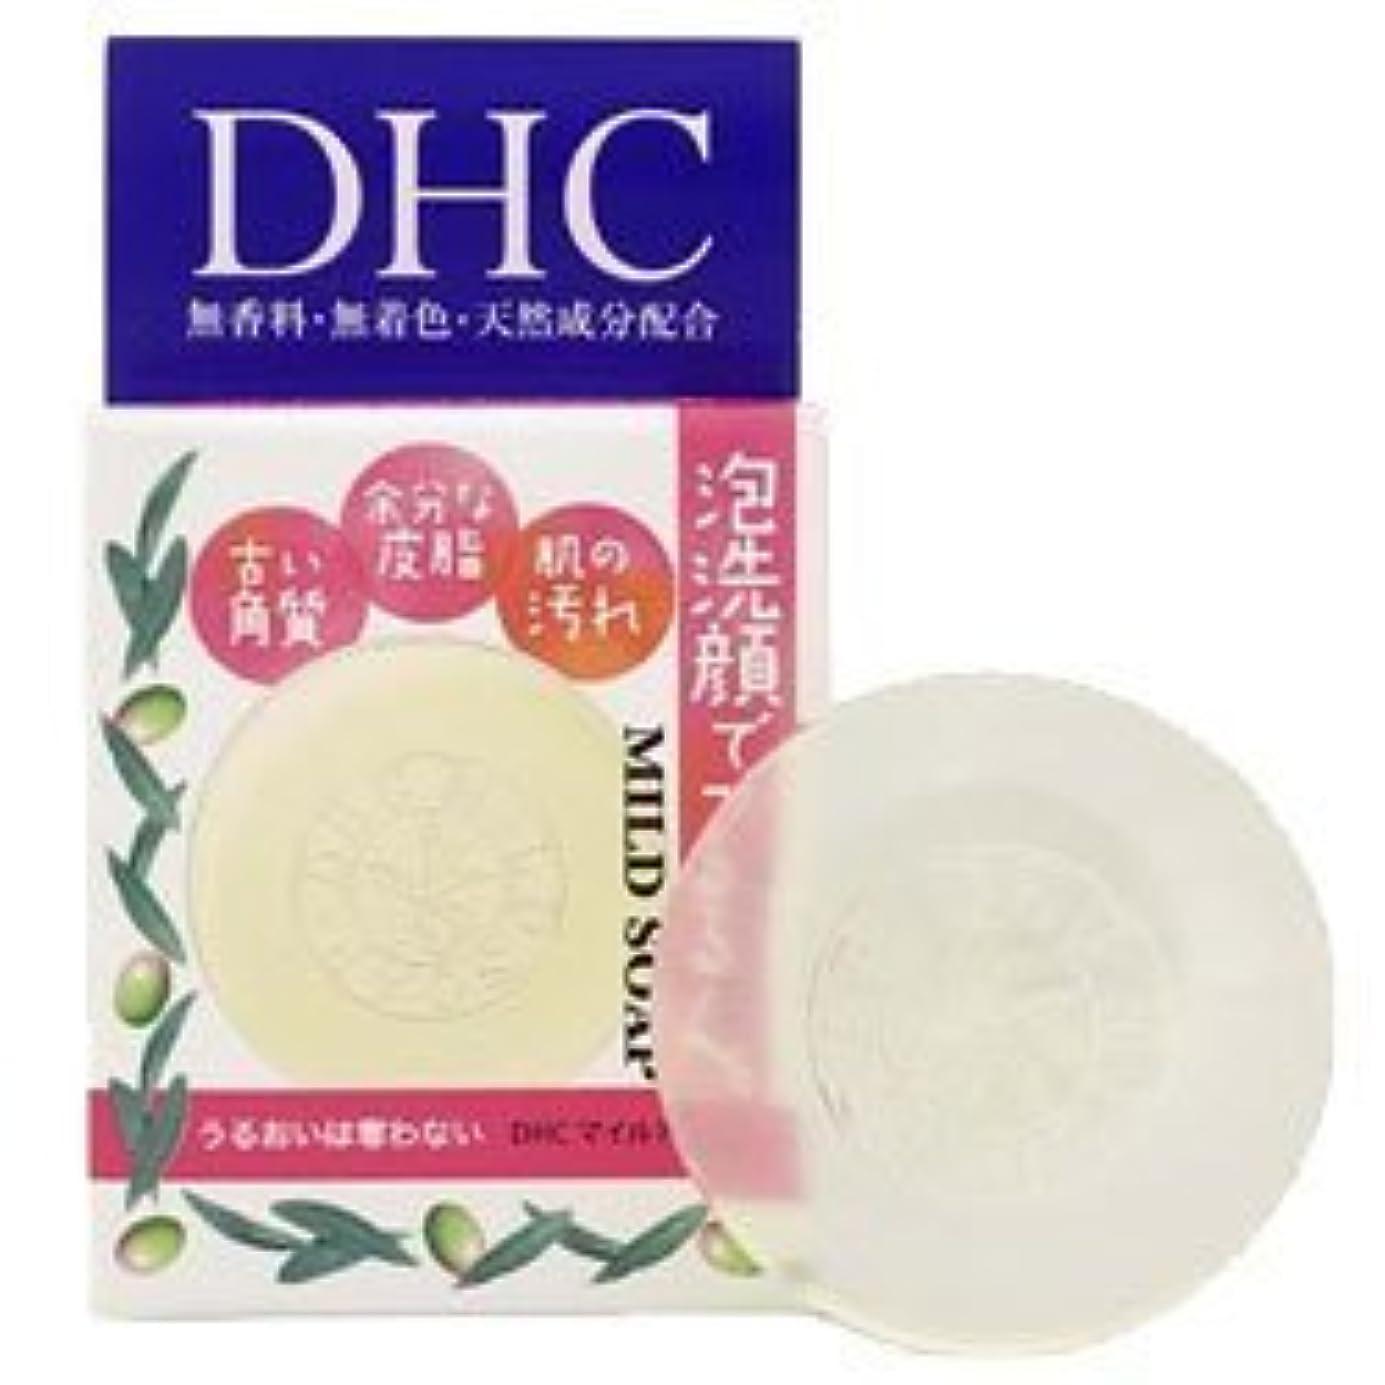 洗剤ファン大通り【DHC】DHC マイルドソープ(SS) 35g ×5個セット